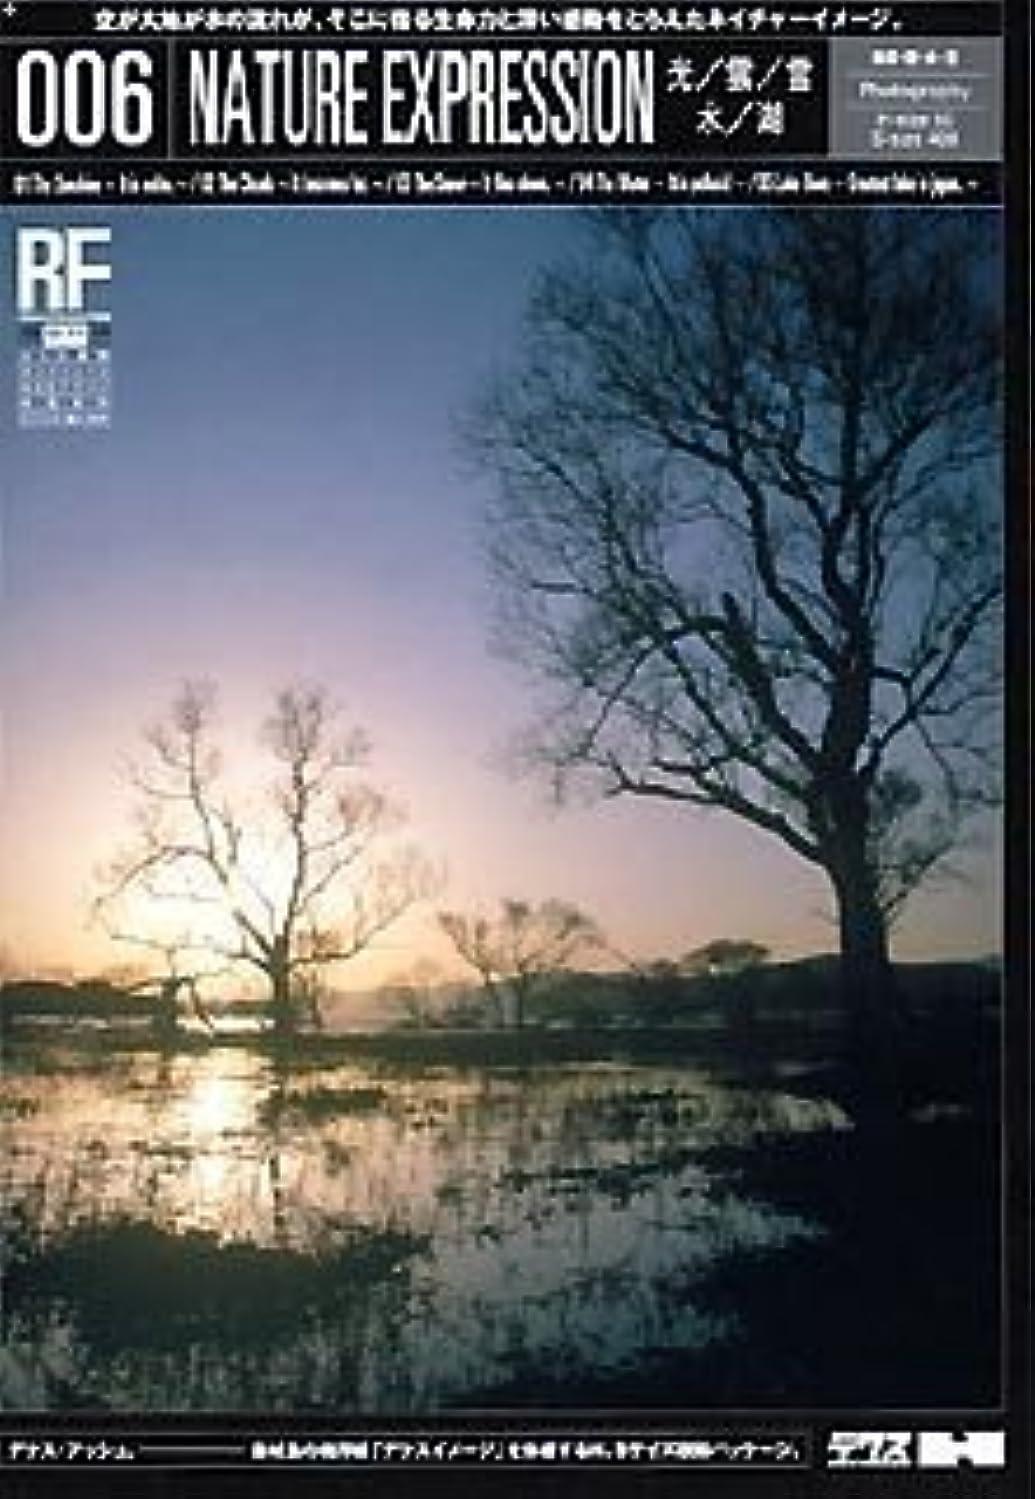 広くあごカリングDEX-H 006 Nature Expression 光/雲/雪/水/湖